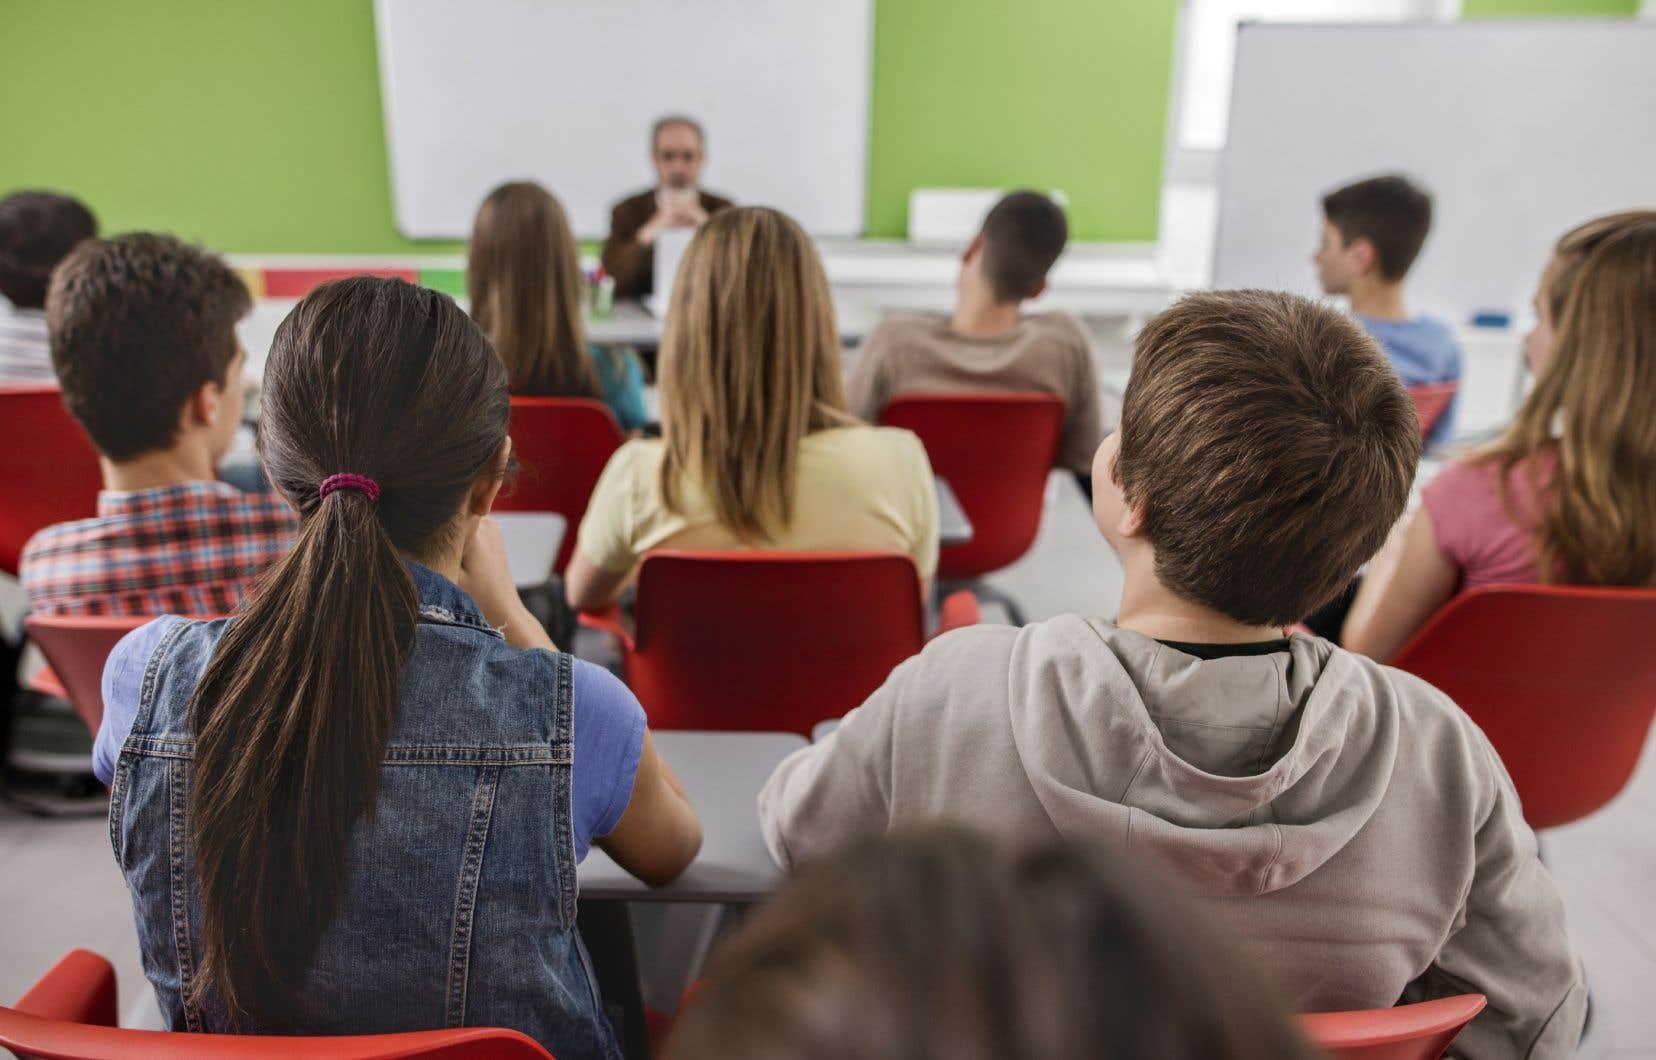 Dans les conditions actuelles, les professeurs s'épuisent de plus en plus tôt au cours de l'année scolaire et certains d'entre eux doivent s'absenter plus souvent. Le nombre de suppléants qualifiés n'est donc plus suffisant pour répondre aux besoins, souligne l'auteur.